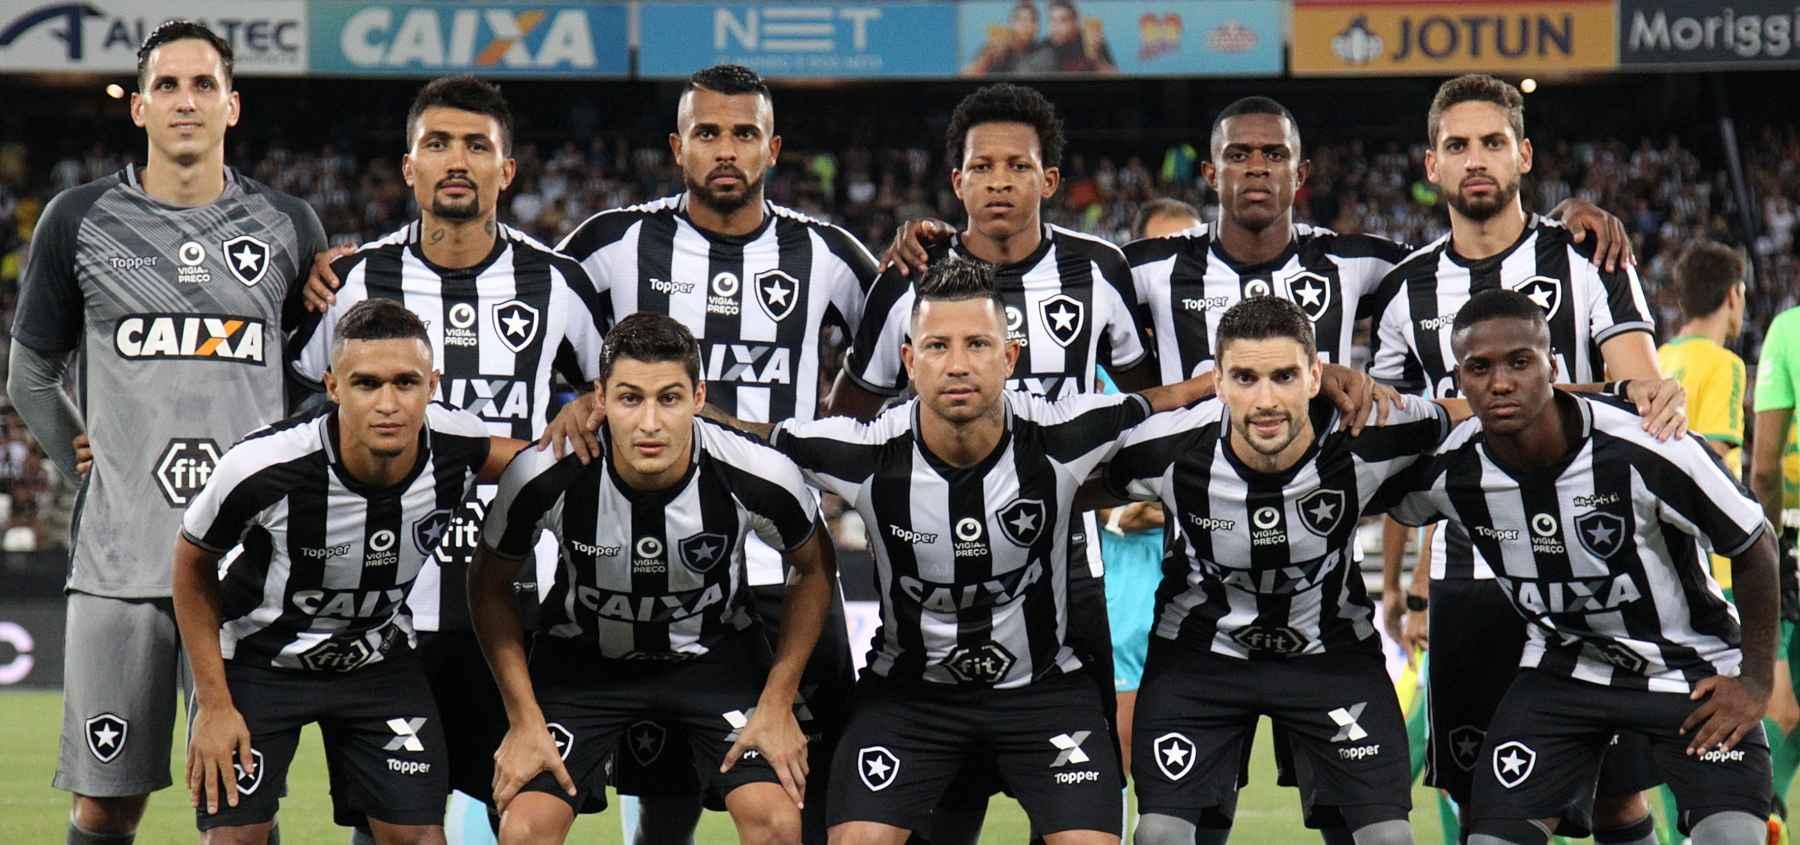 00c5b0f551837 Botafogo 3 x 0 Cuiabá - Bastidores